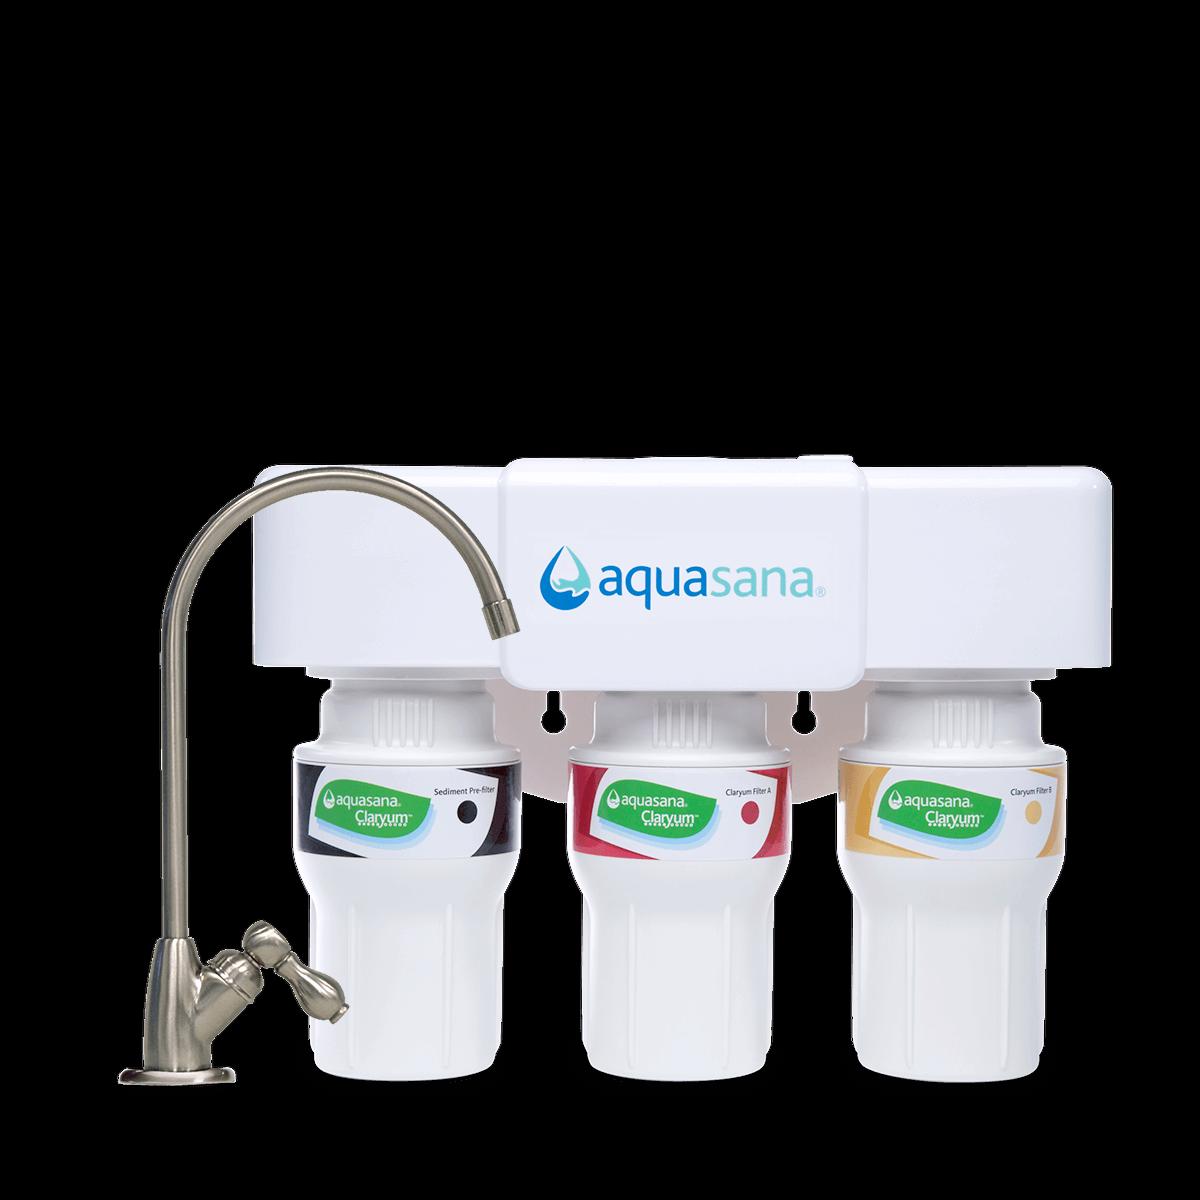 Best Water Softener: Aquasana Undersink